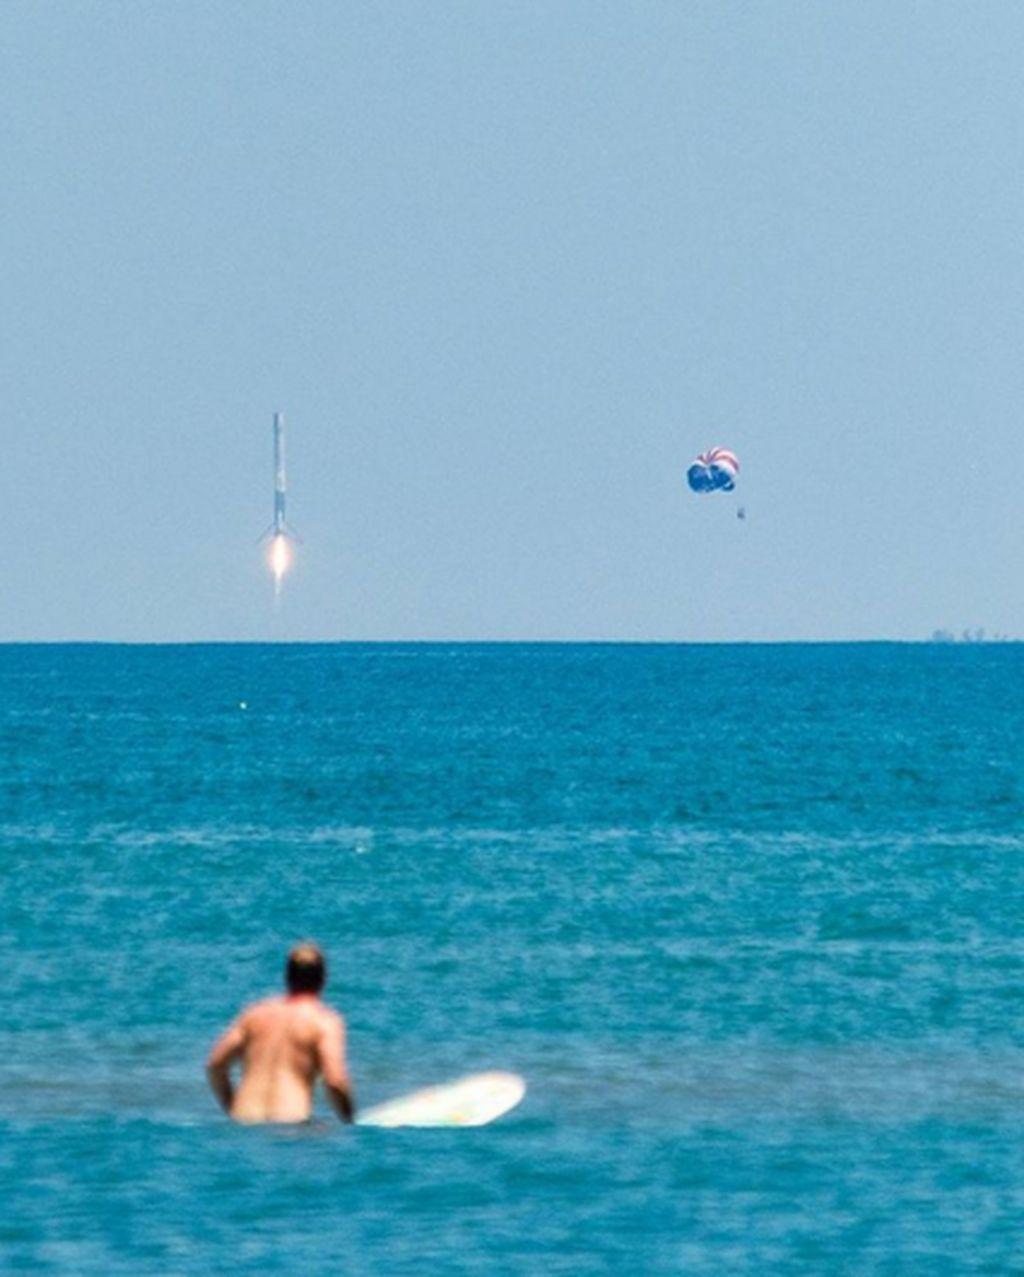 Niat mau foto roket terbang, malah ketangkap pria telanjang lagi berselancar. (Foto: Brightside)